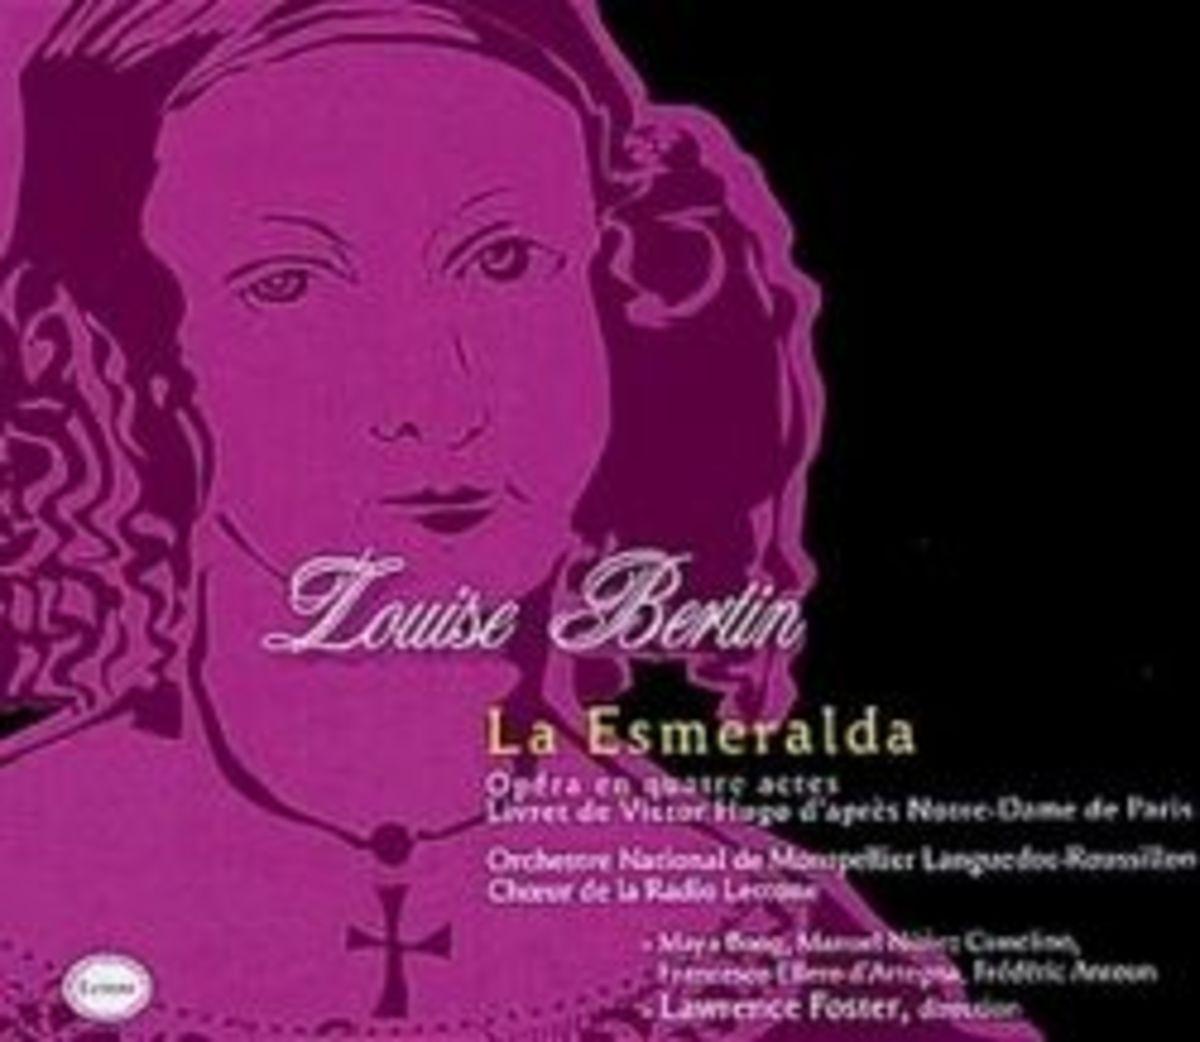 The album cover of La Esmeralda